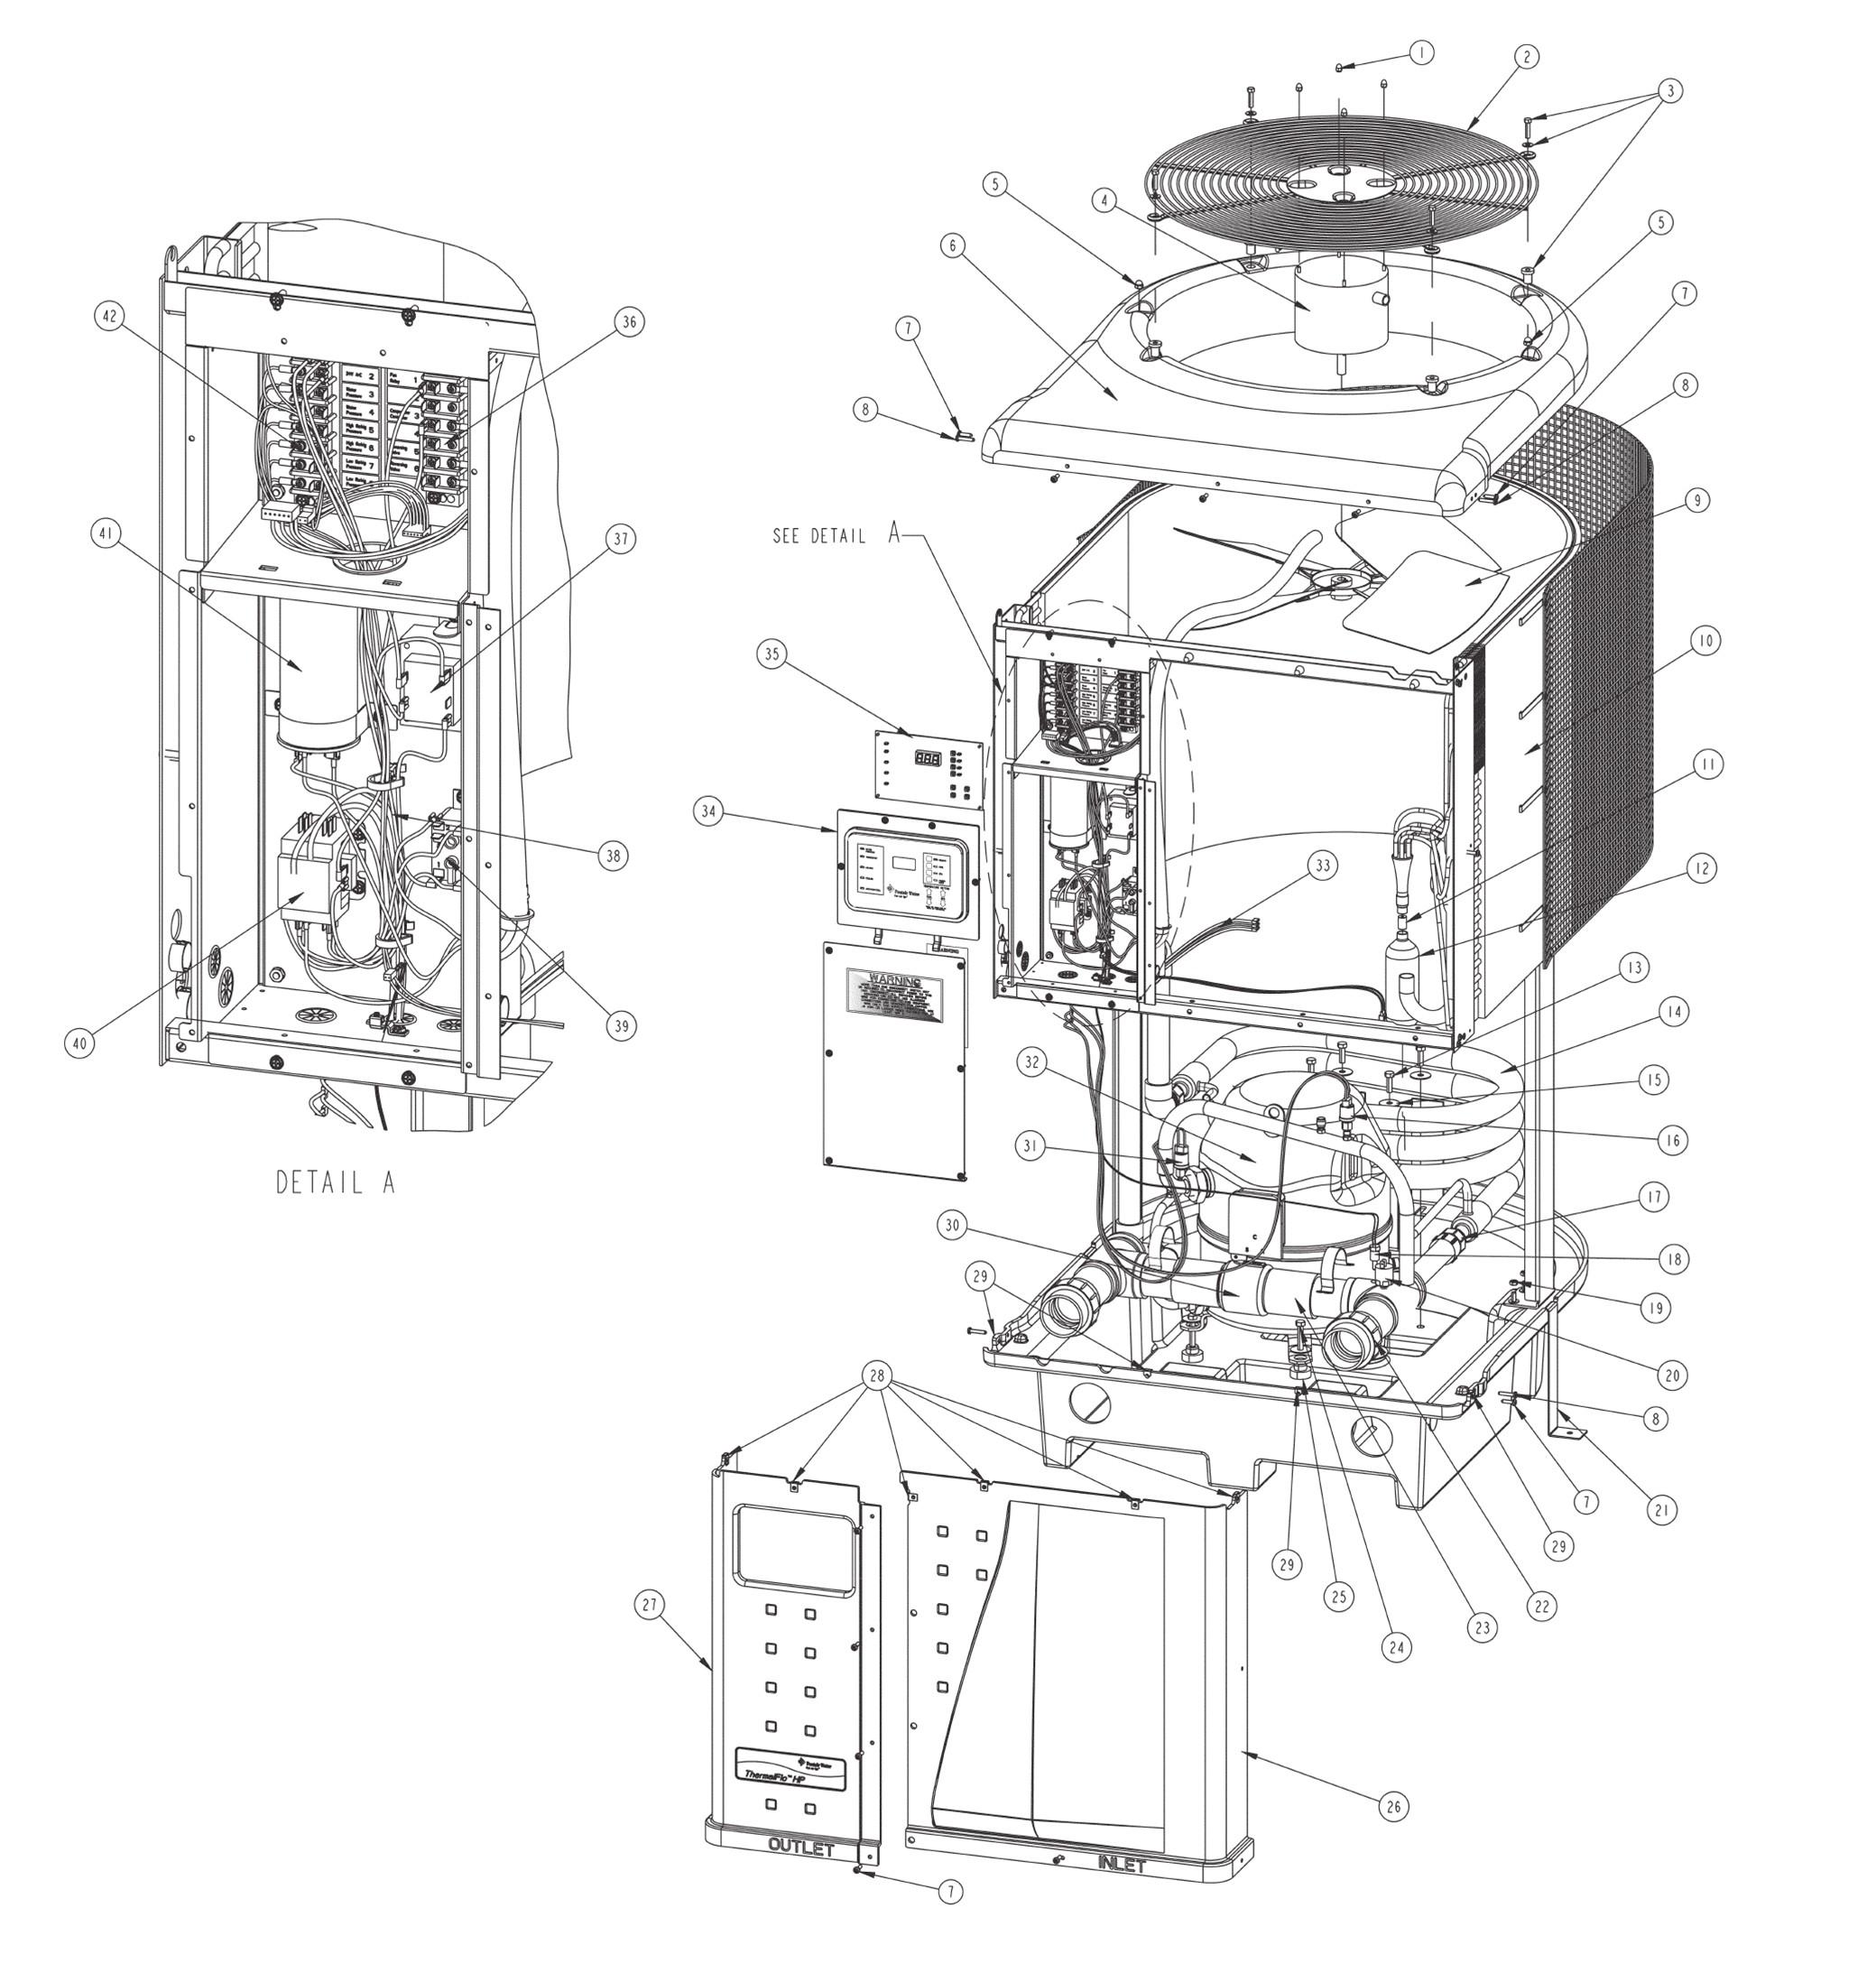 Hayward Super Pump Parts Diagram Wiring Pool Motor Pentair Thermalflo Heat Of